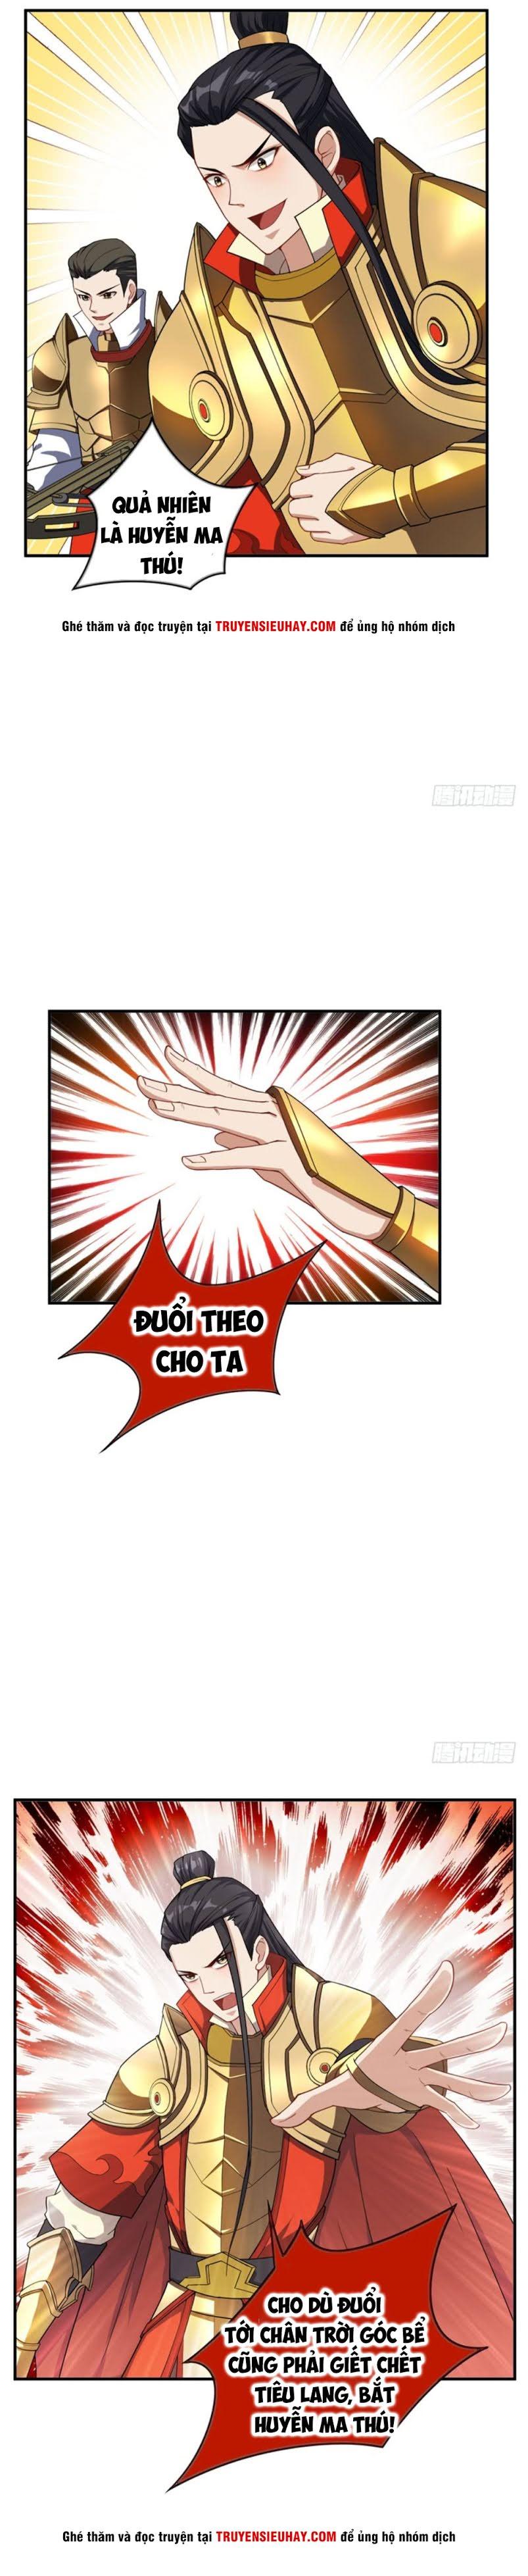 Yêu Giả Vi Vương Chapter 28 video - truyenmh.com